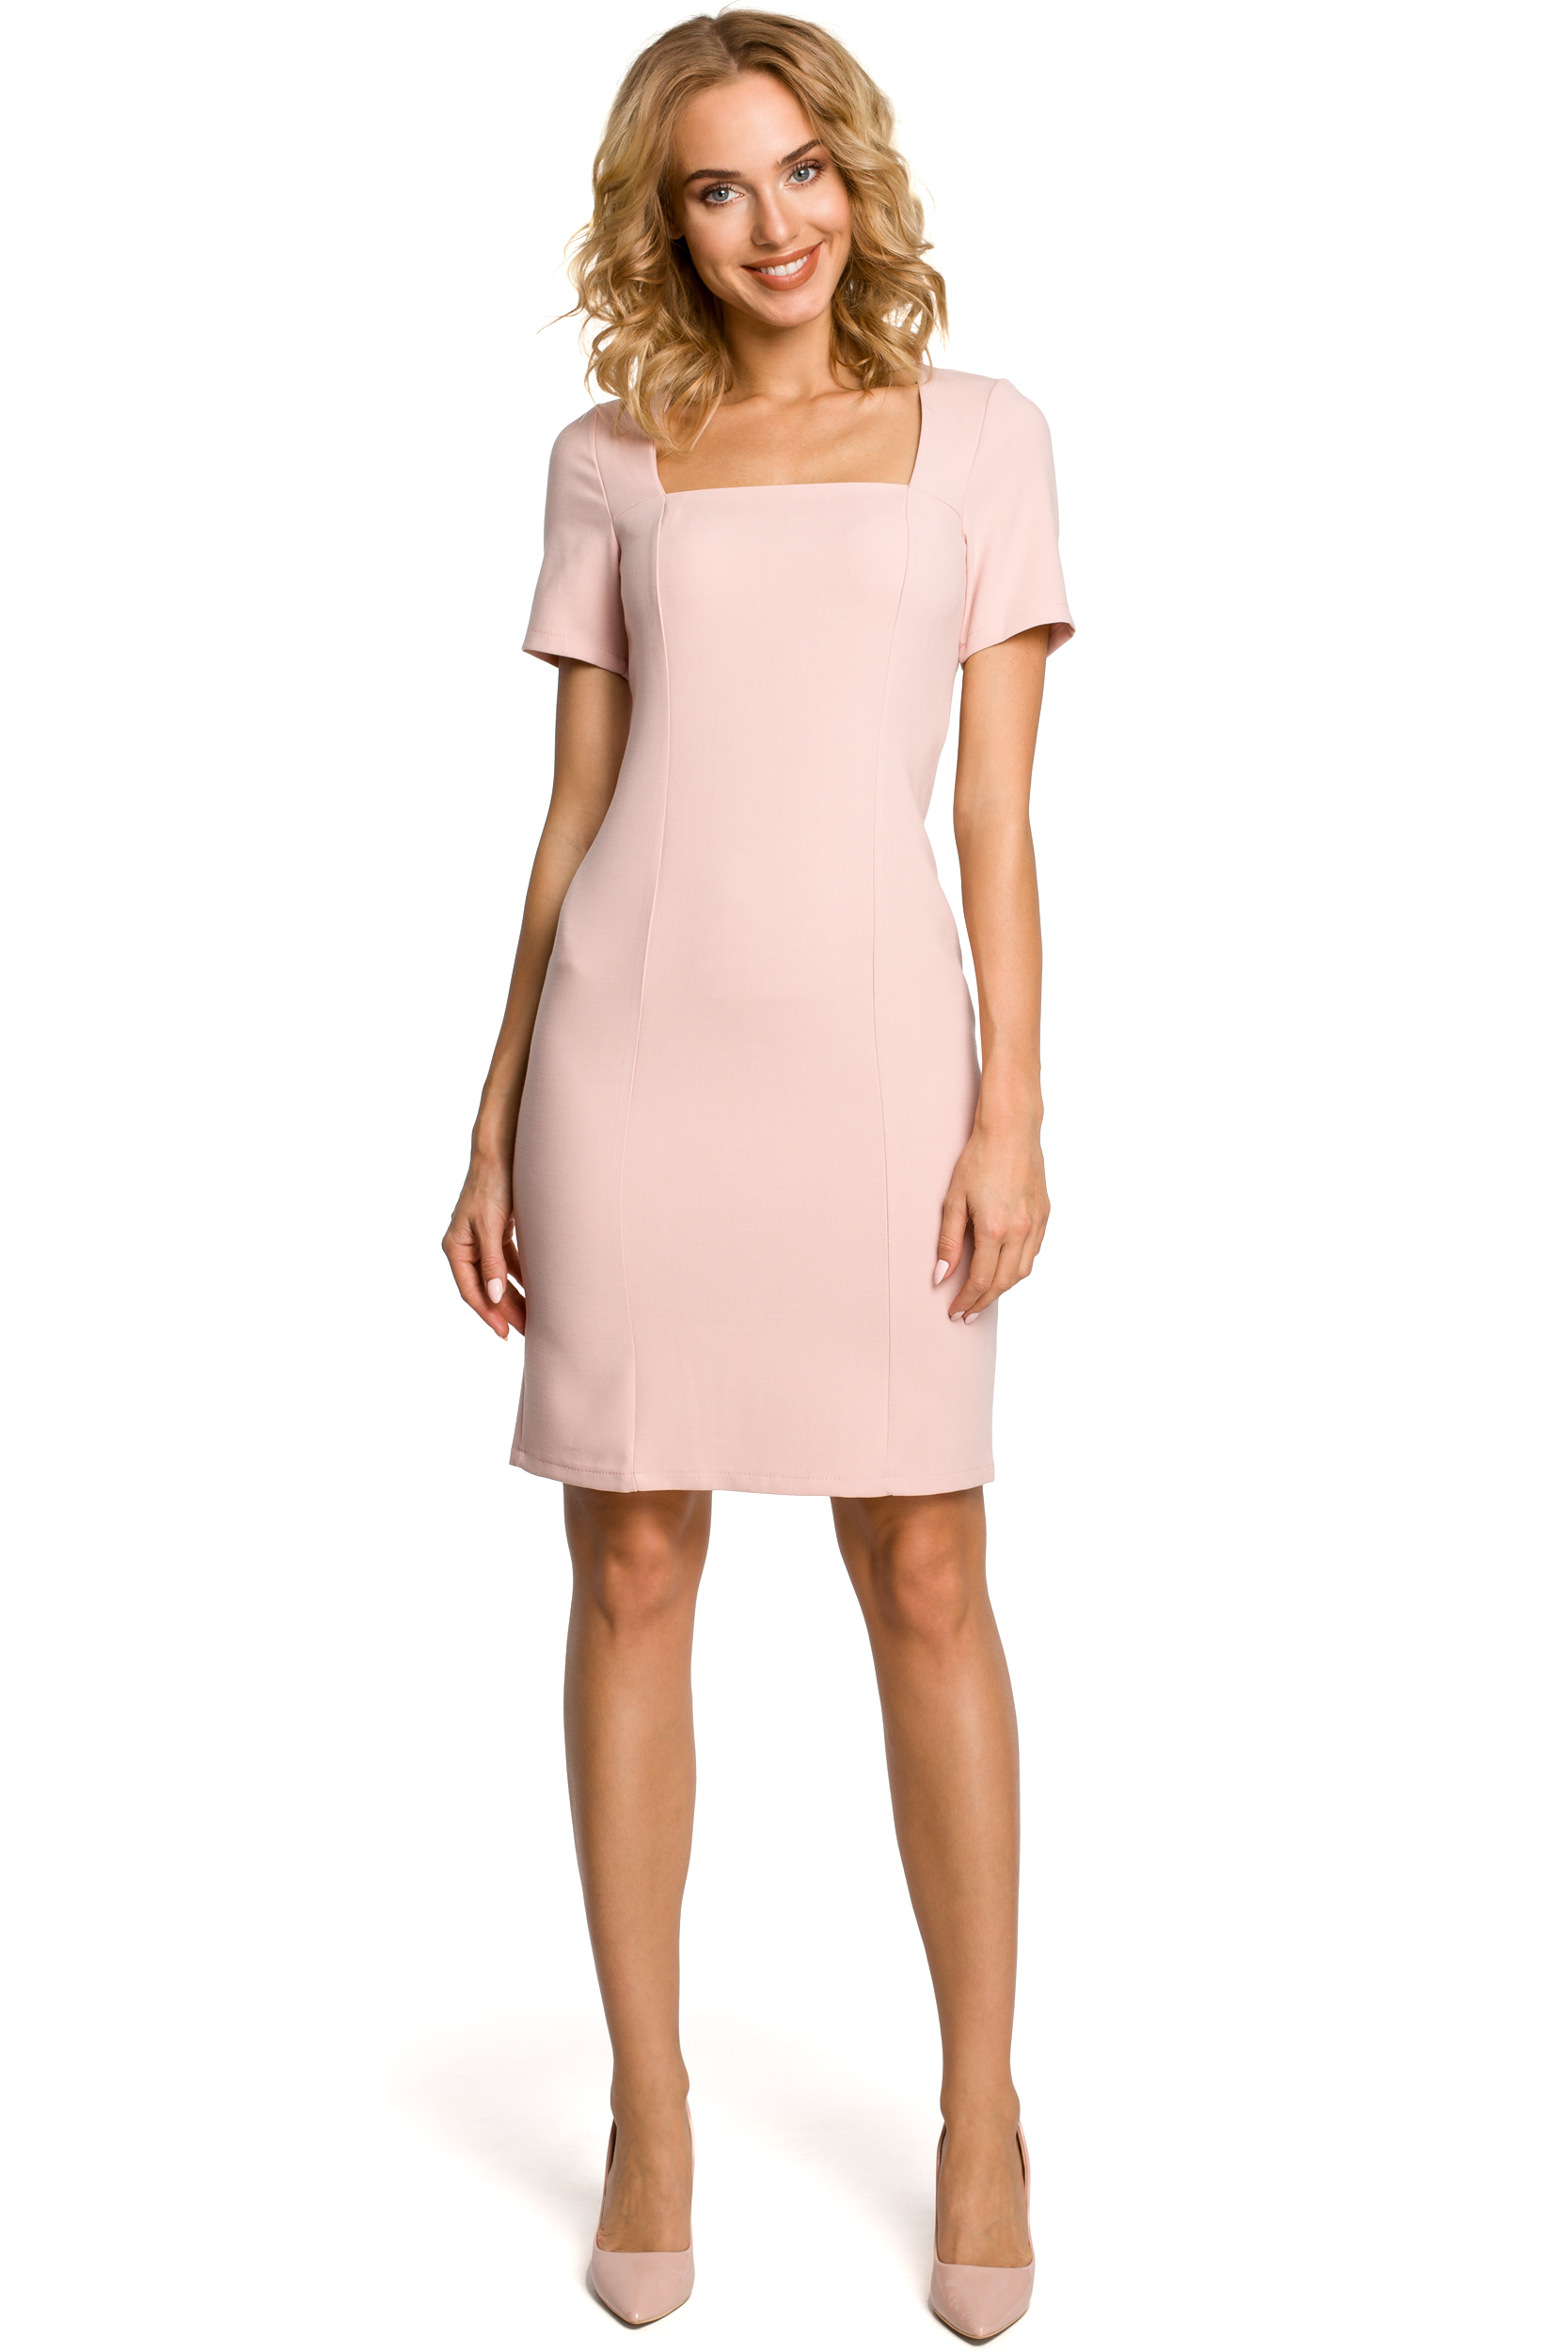 fe0c54f8b6 Dopasowana sukienka z dekoltem karo - pudrowa - 7318669167 ...